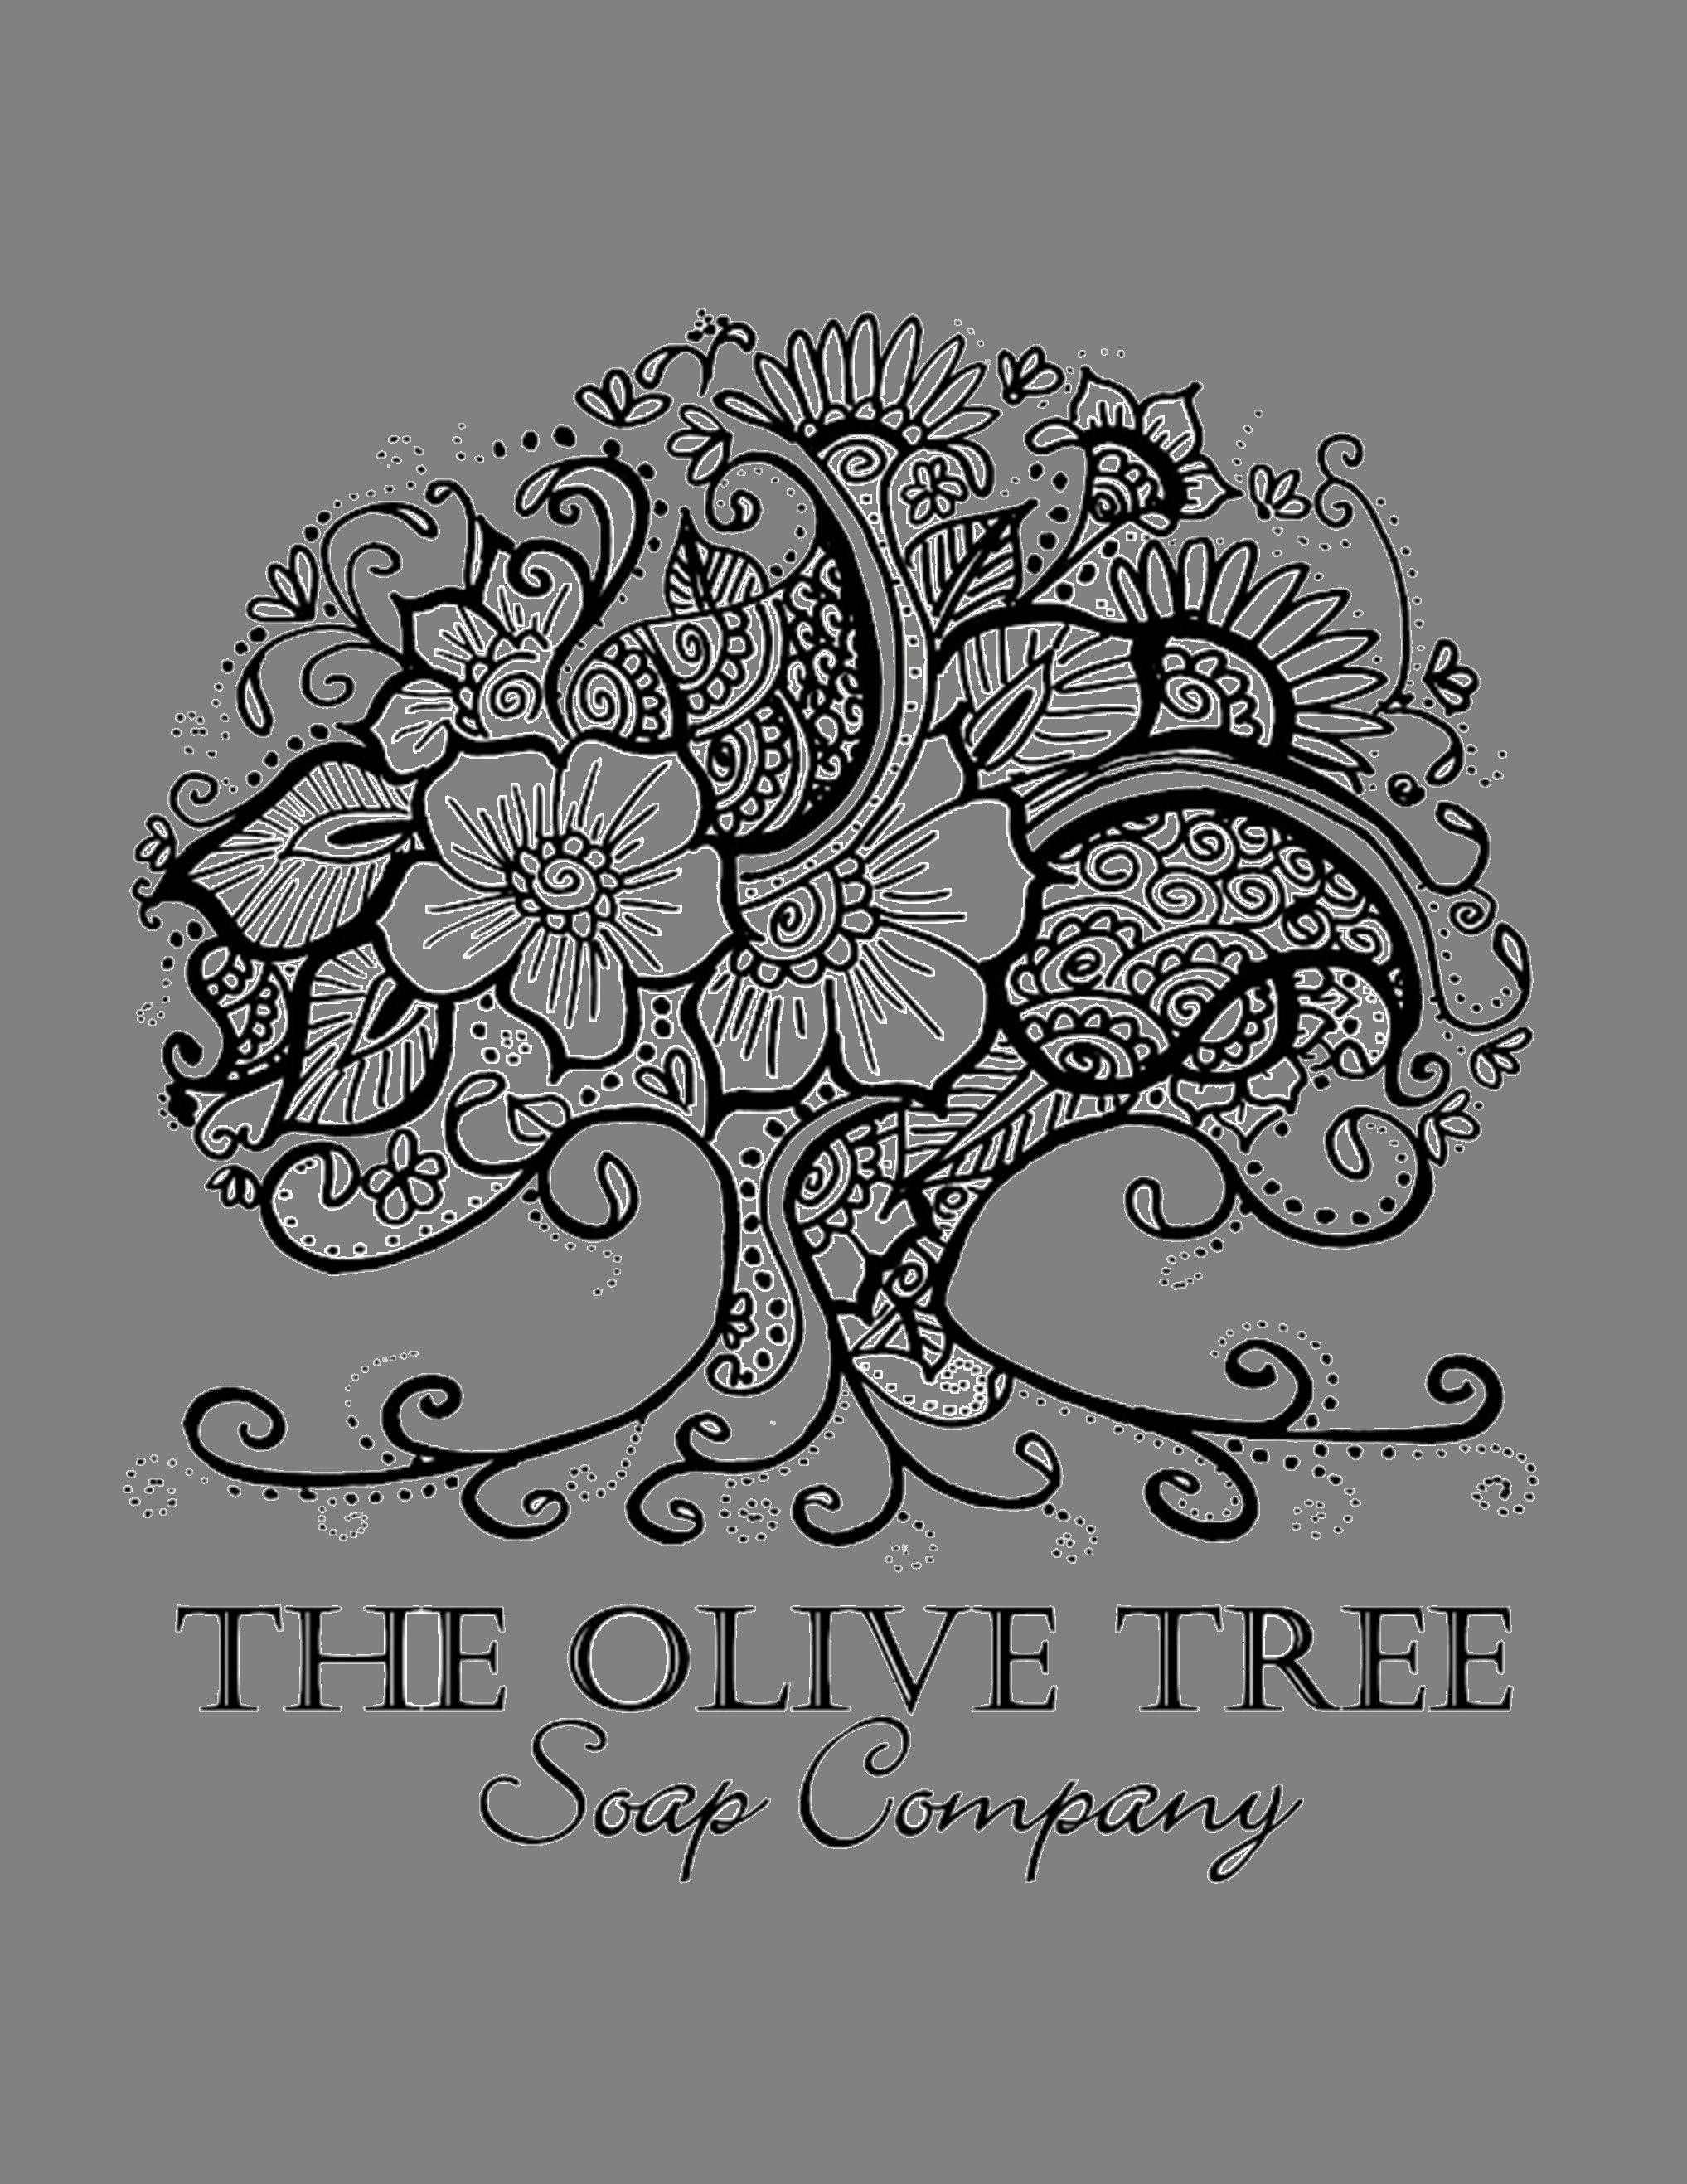 The Olive Tree Soap Company